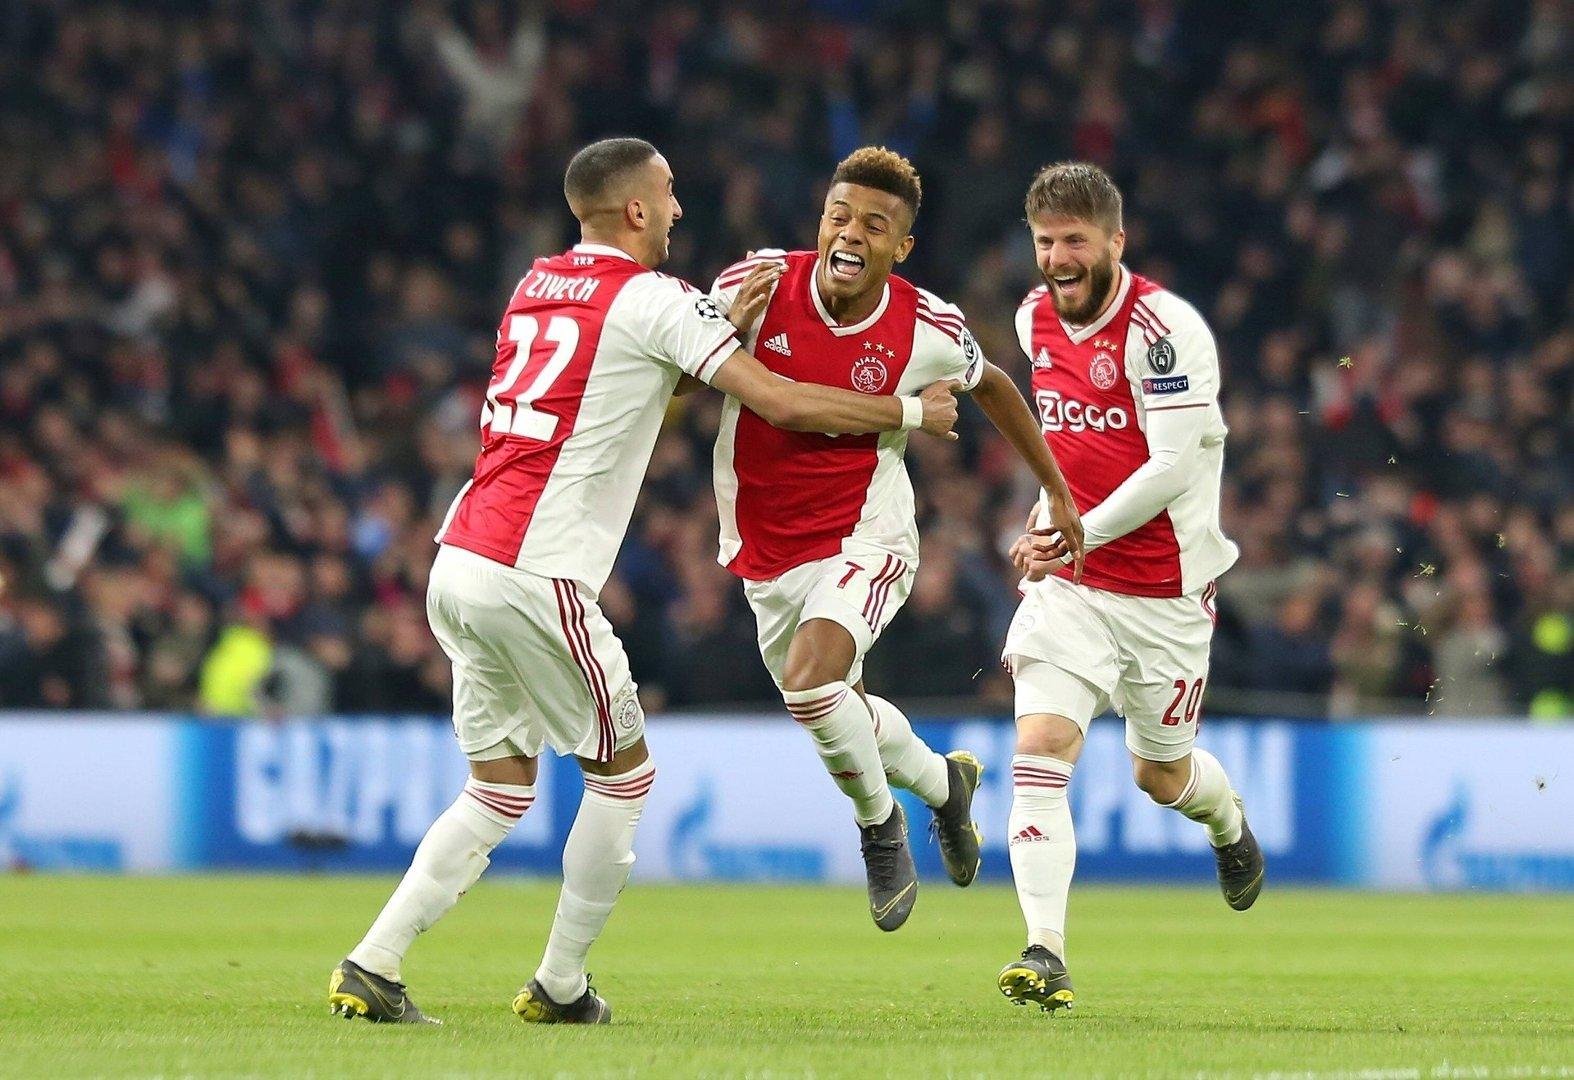 bfa749bd1 W grze pozostały Ajax, Barcelona, Liverpool i Tottenham. Kto zagra w  wielkim finale